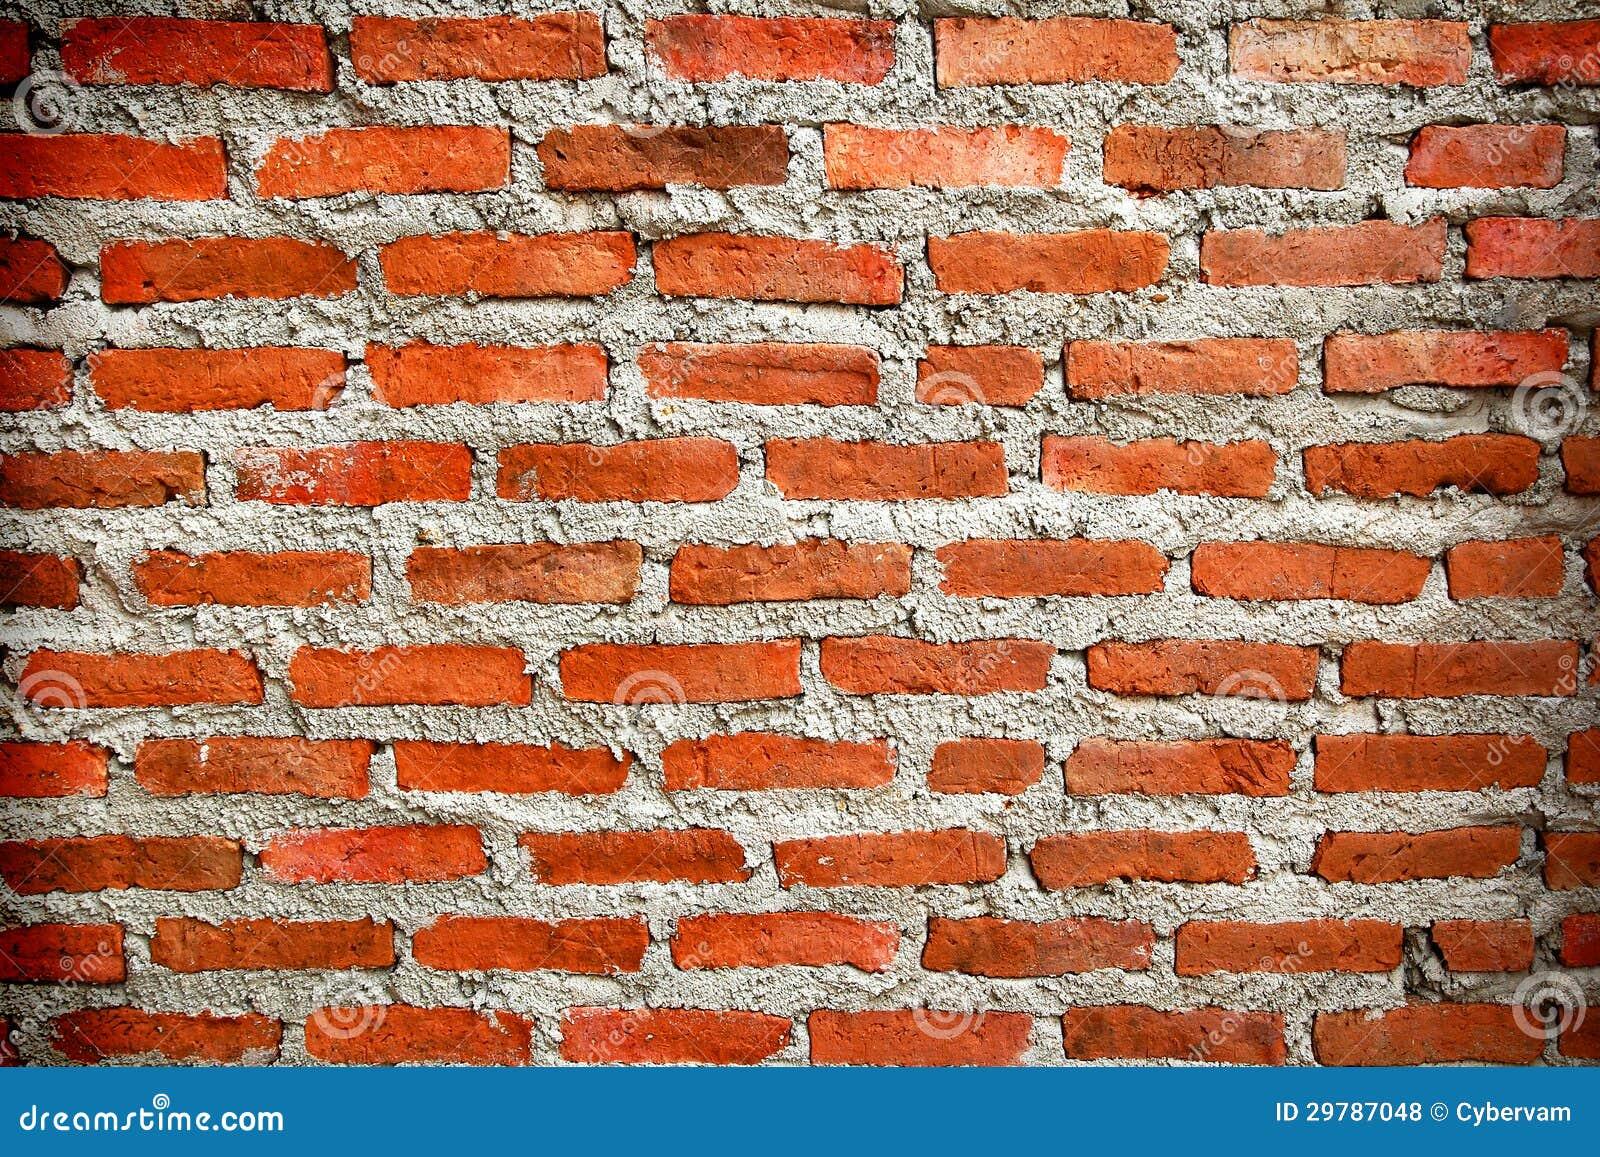 Pared de ladrillos rojos - Ladrillos para pared ...